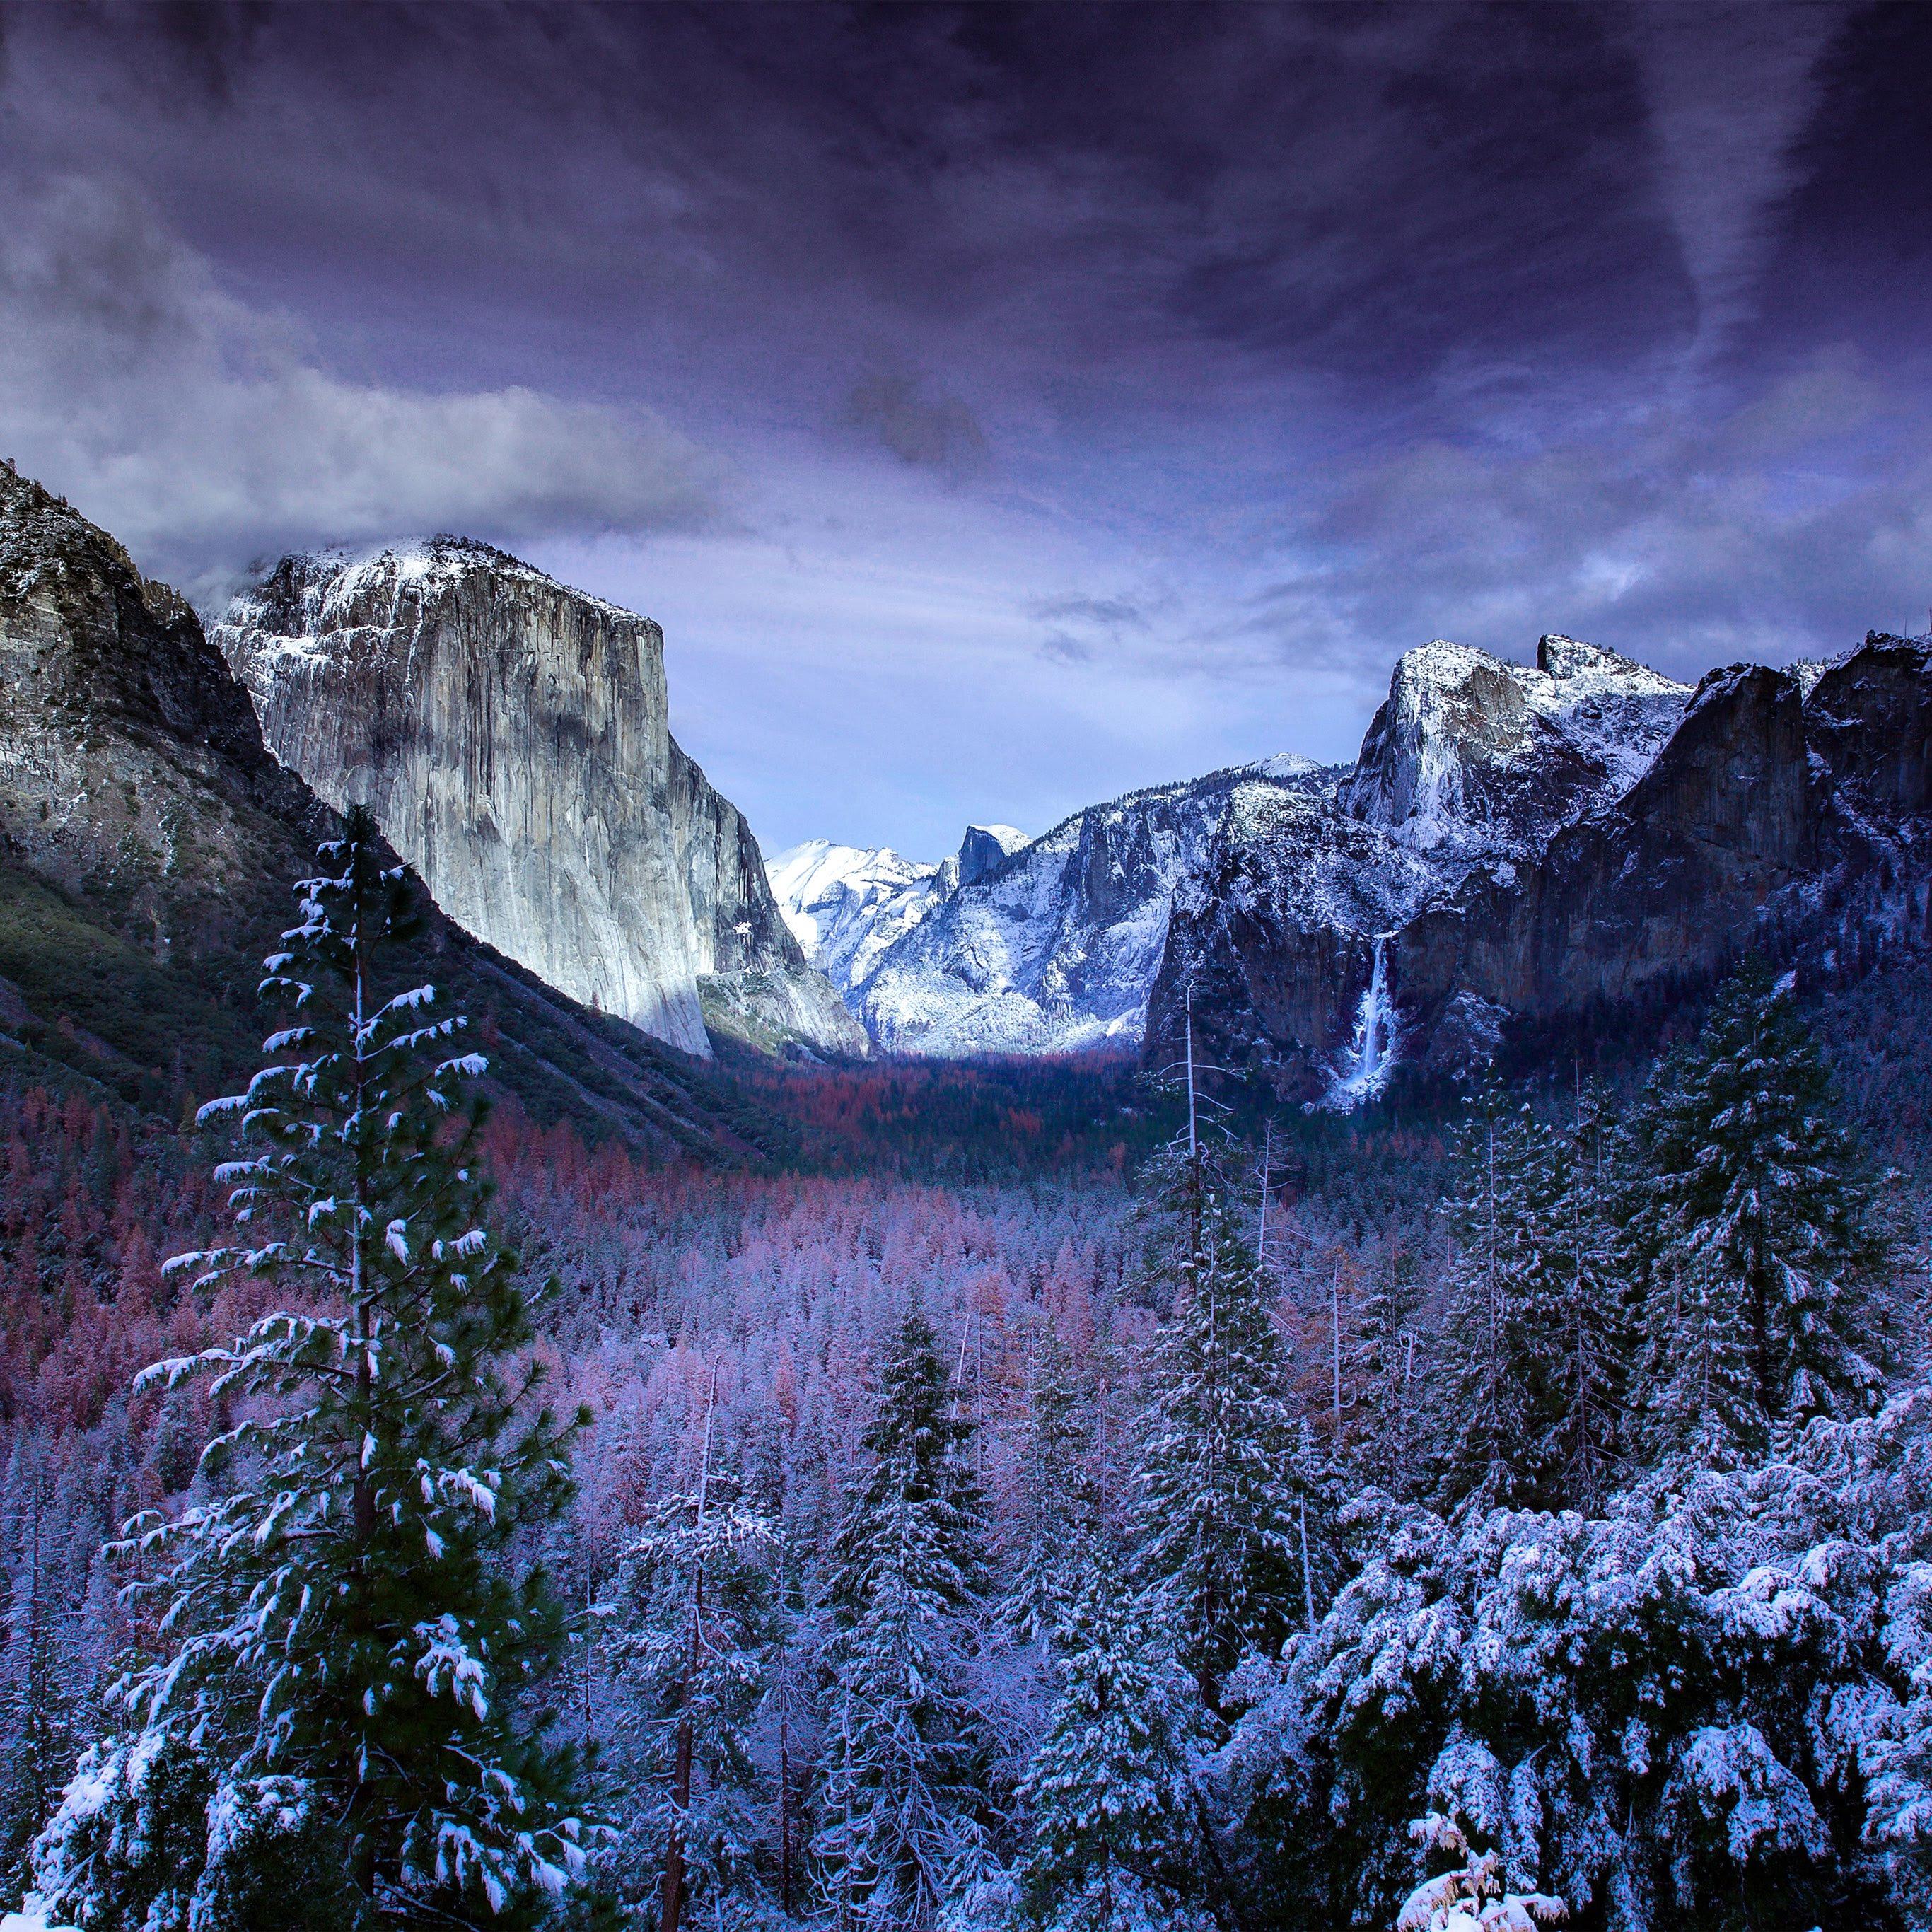 心が落ち着く冬景色の壁紙 Iphone Ipad Mac用 6枚 噂のapple